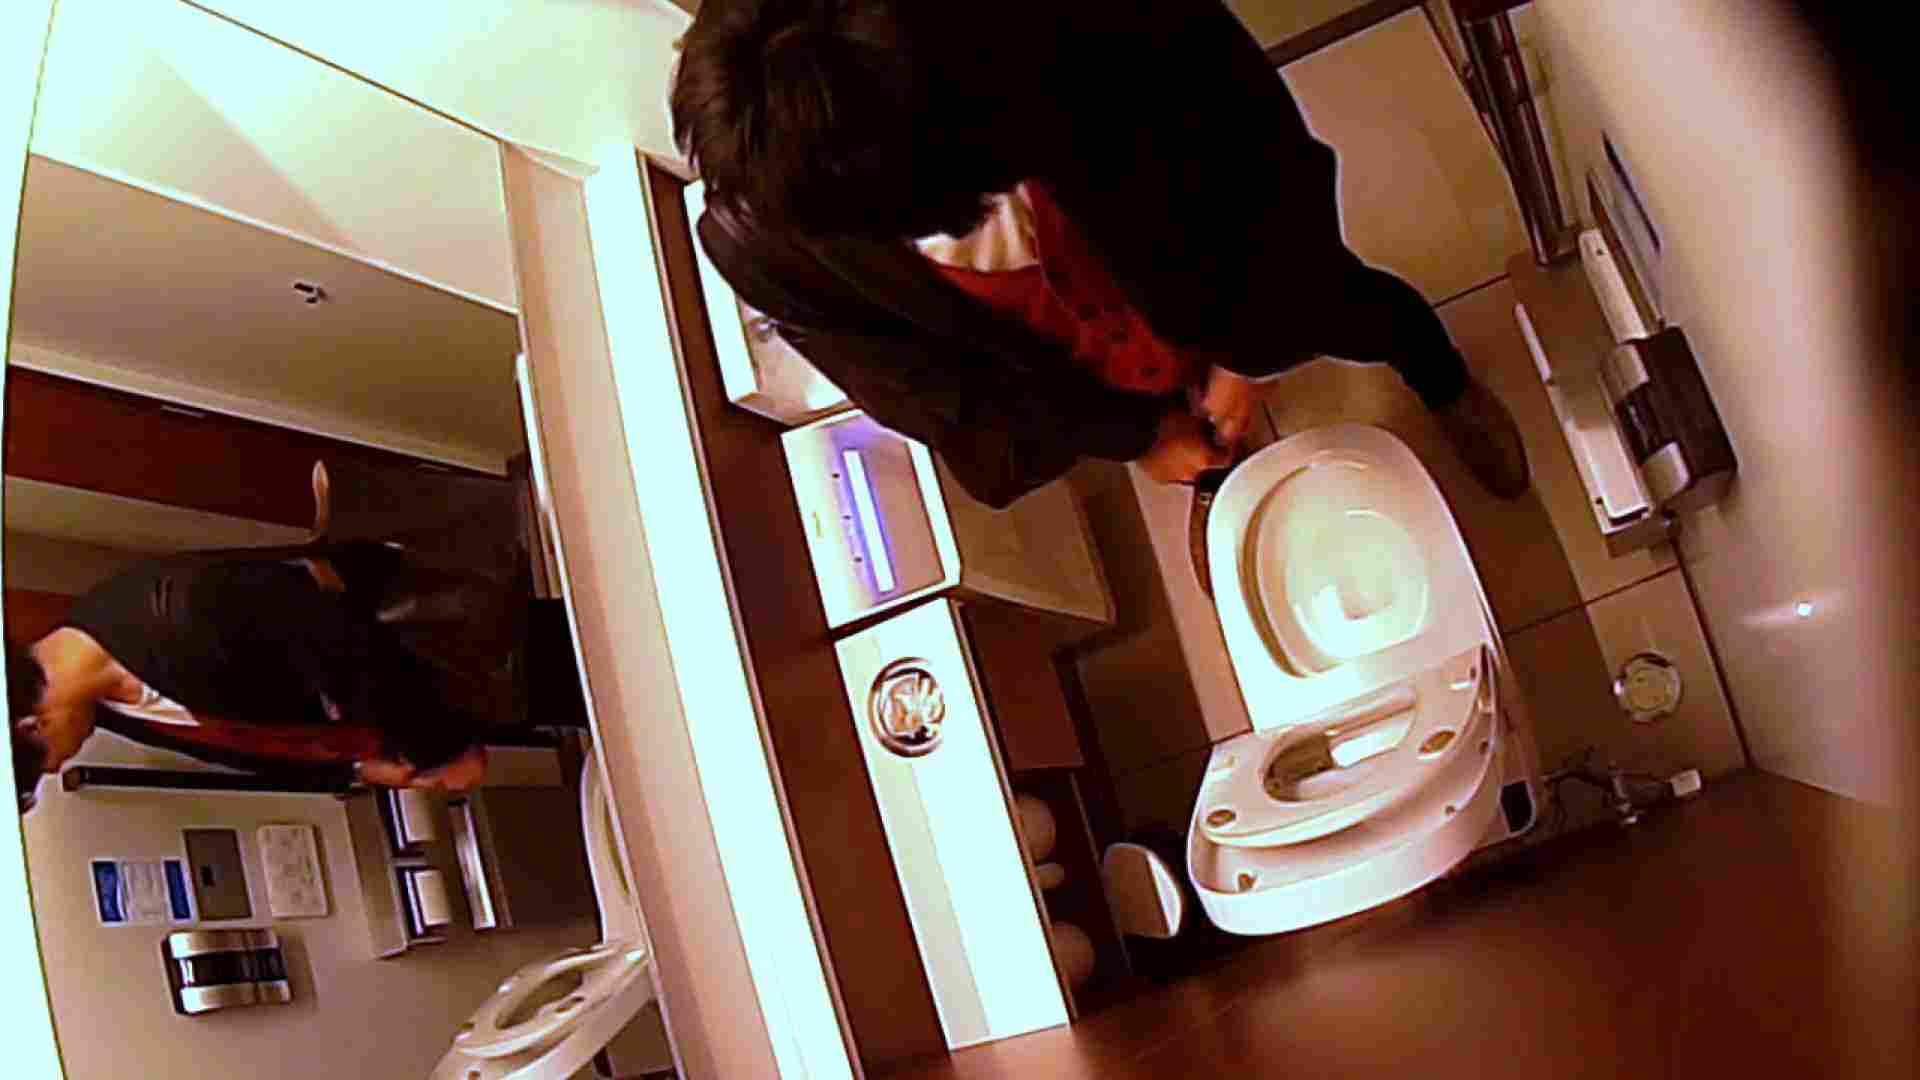 すみませんが覗かせてください Vol.32 トイレ | 0  102pic 43